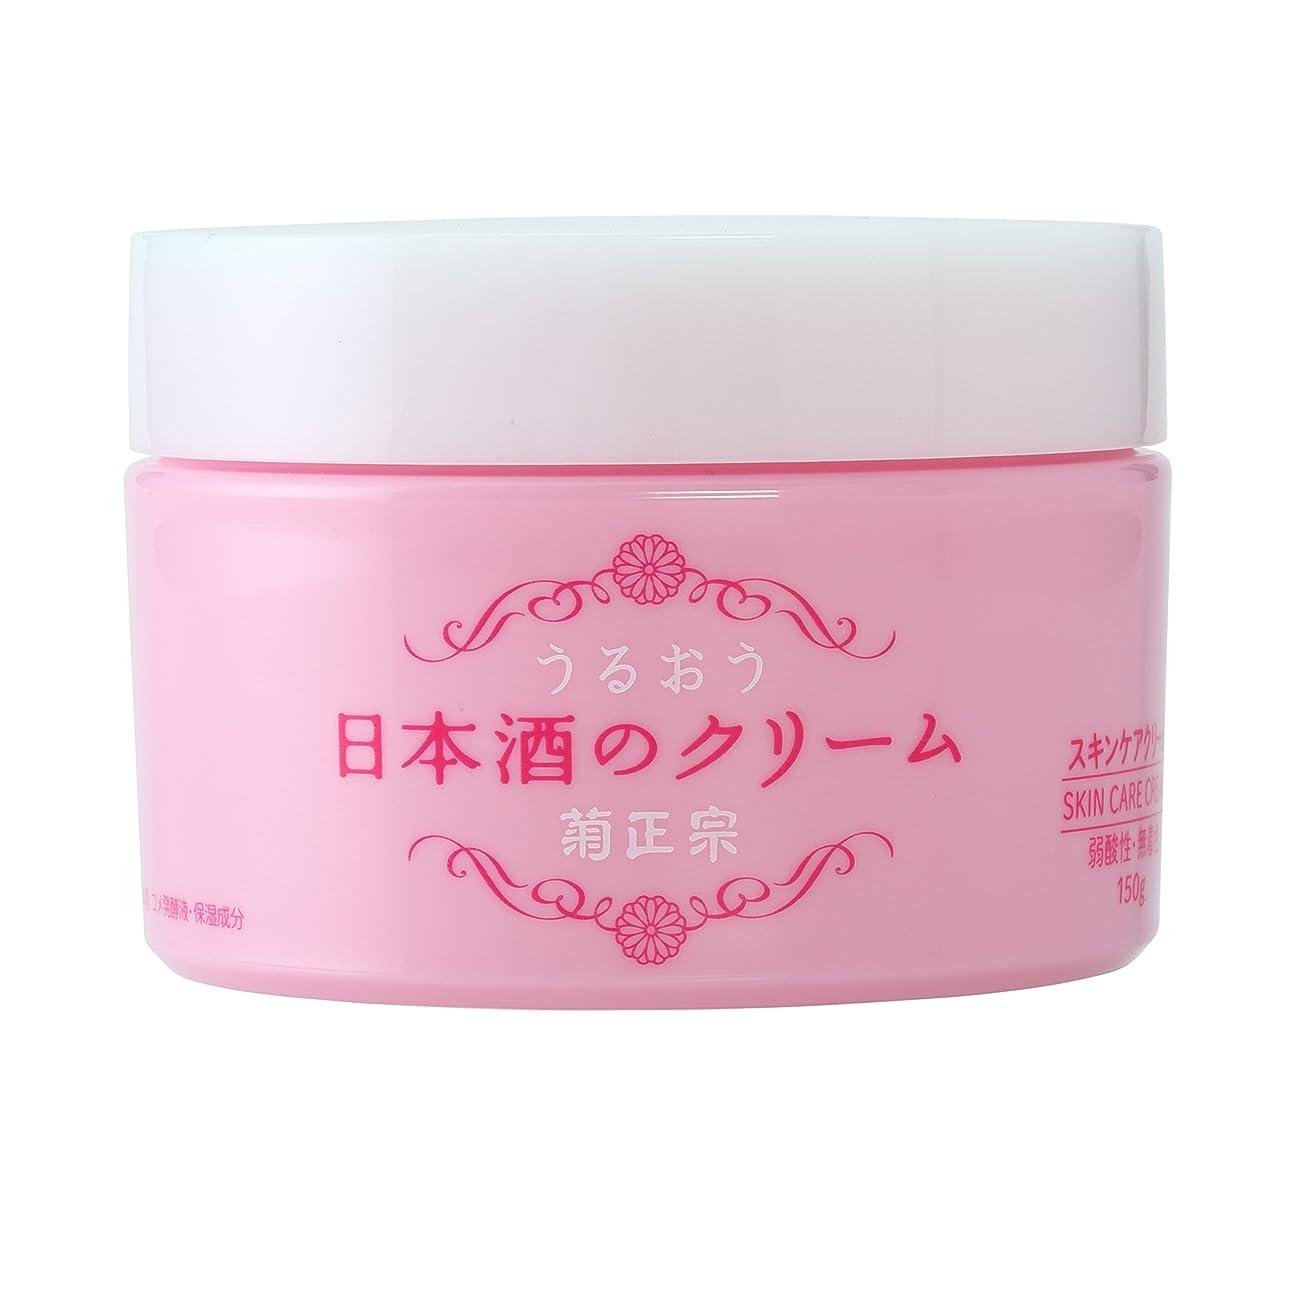 たくさん権限を与える服菊正宗 日本酒のクリーム 150g 顔 全身 保湿